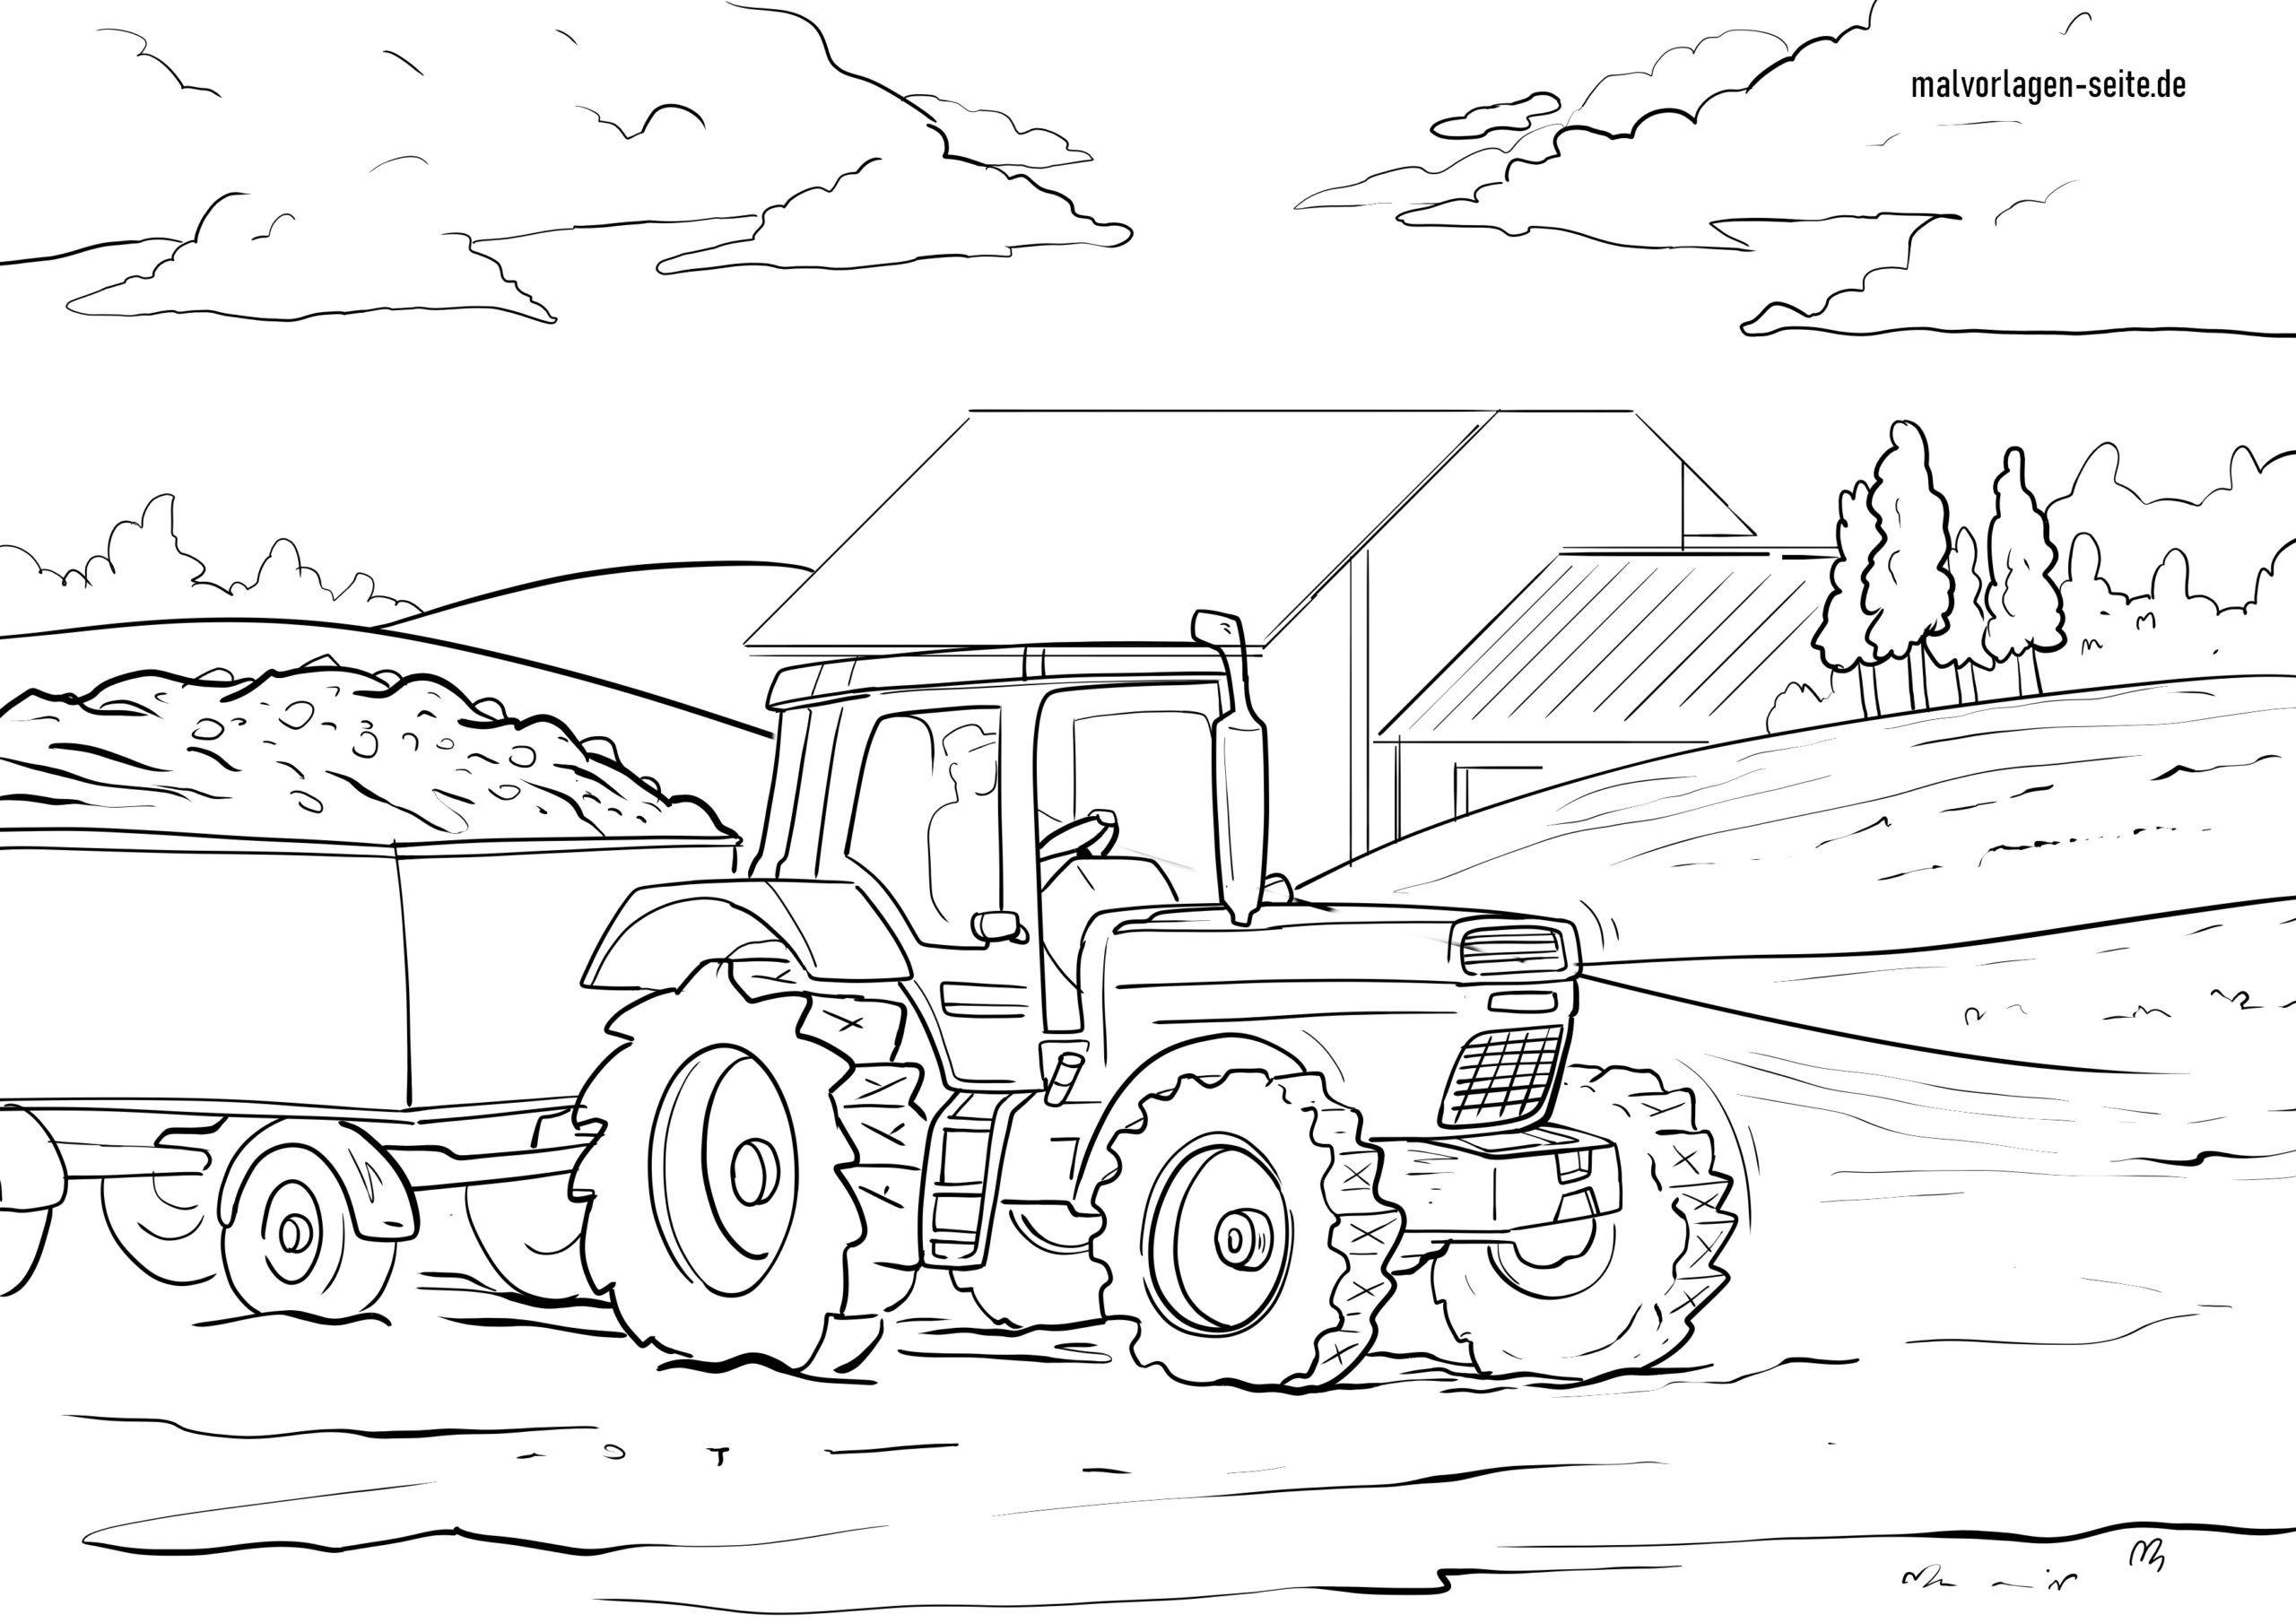 Malvorlage Traktor - Ausmalbilder Kostenlos Herunterladen innen Trecker Ausmalbild